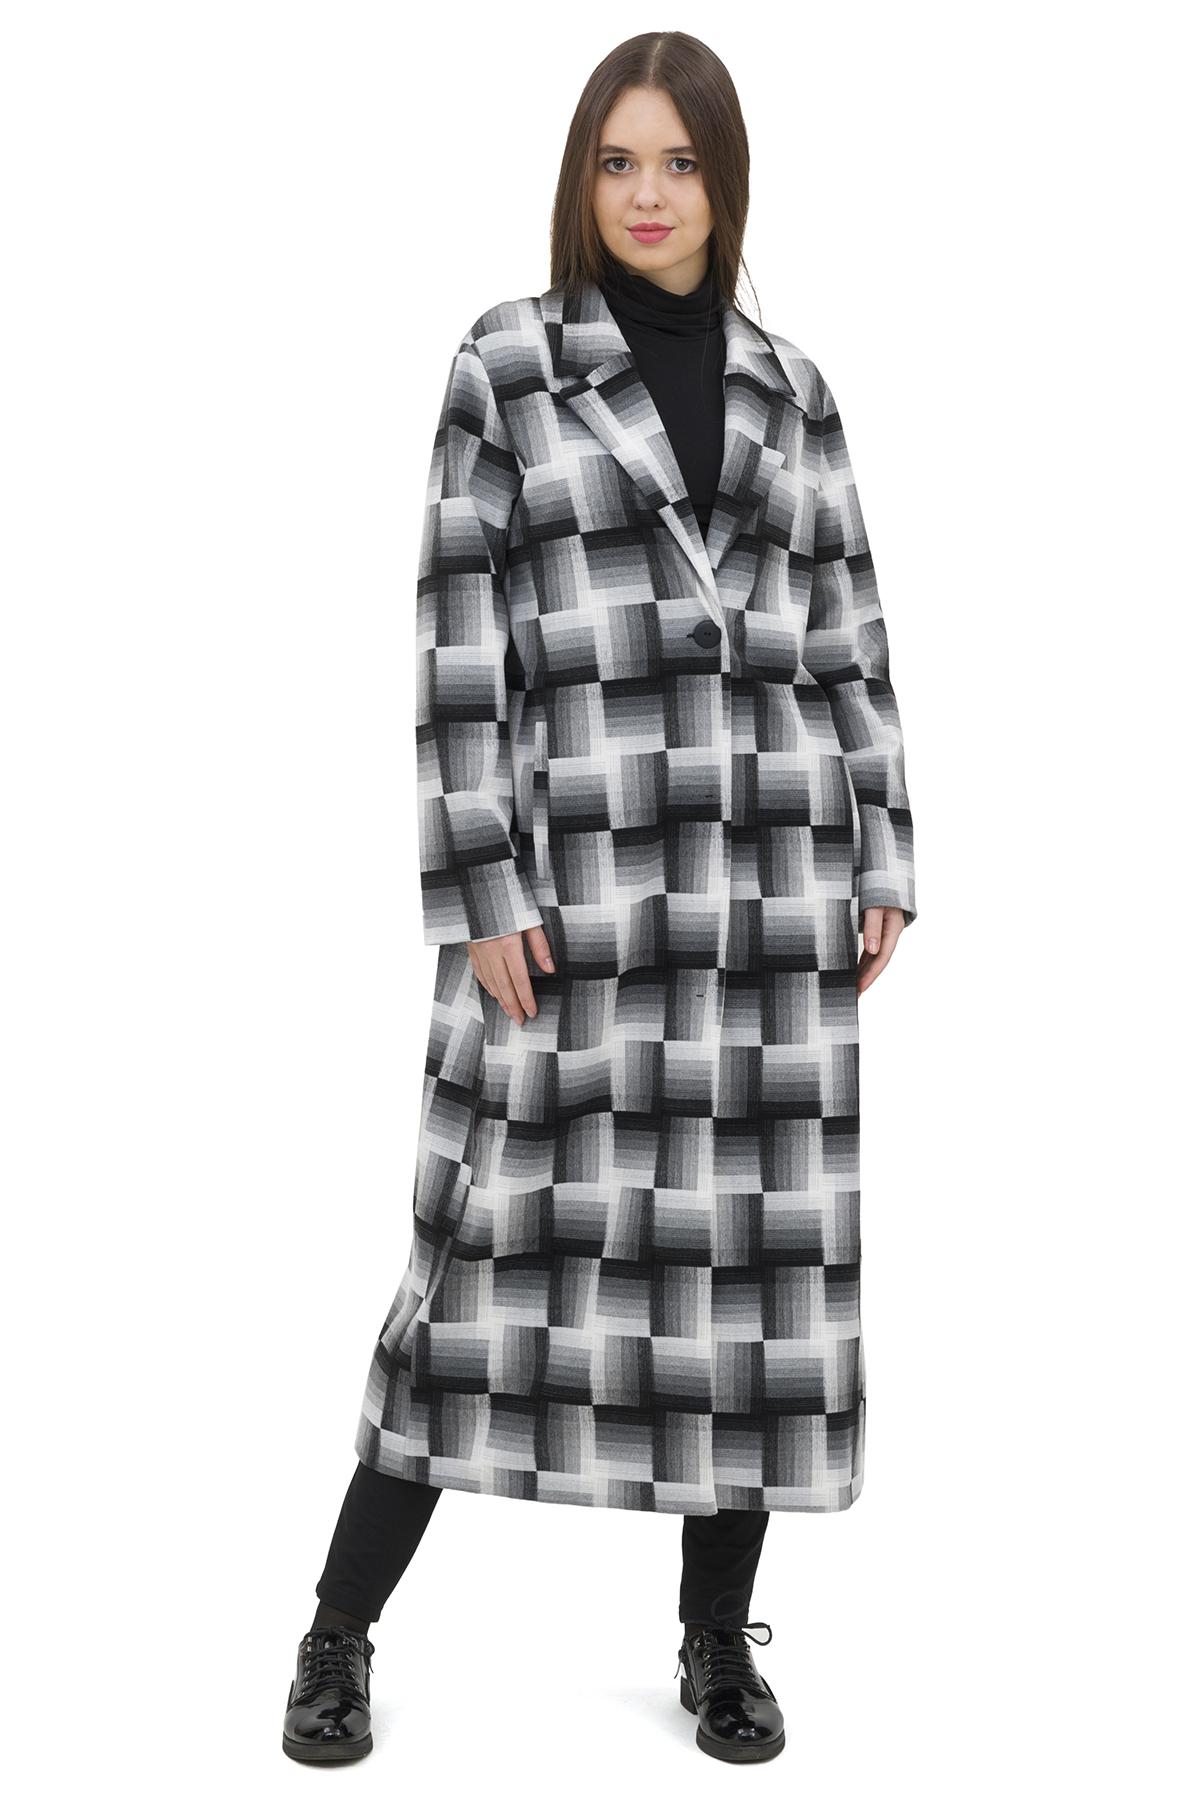 ПальтоЖенские куртки, плащи, пальто<br>Восхитительный вариант для тех, кто предпочитает стильные решения - пальто сдержанного модного дизайна, который подчеркнет Ваш безупречный вкус. Прекрасный вариант для создания стильного образа.<br><br>Цвет: черный,белый<br>Состав: 62% полиэстер; 33% вискоза; 5% эластан<br>Размер: 42,44,46<br>Страна дизайна: Россия<br>Страна производства: Россия